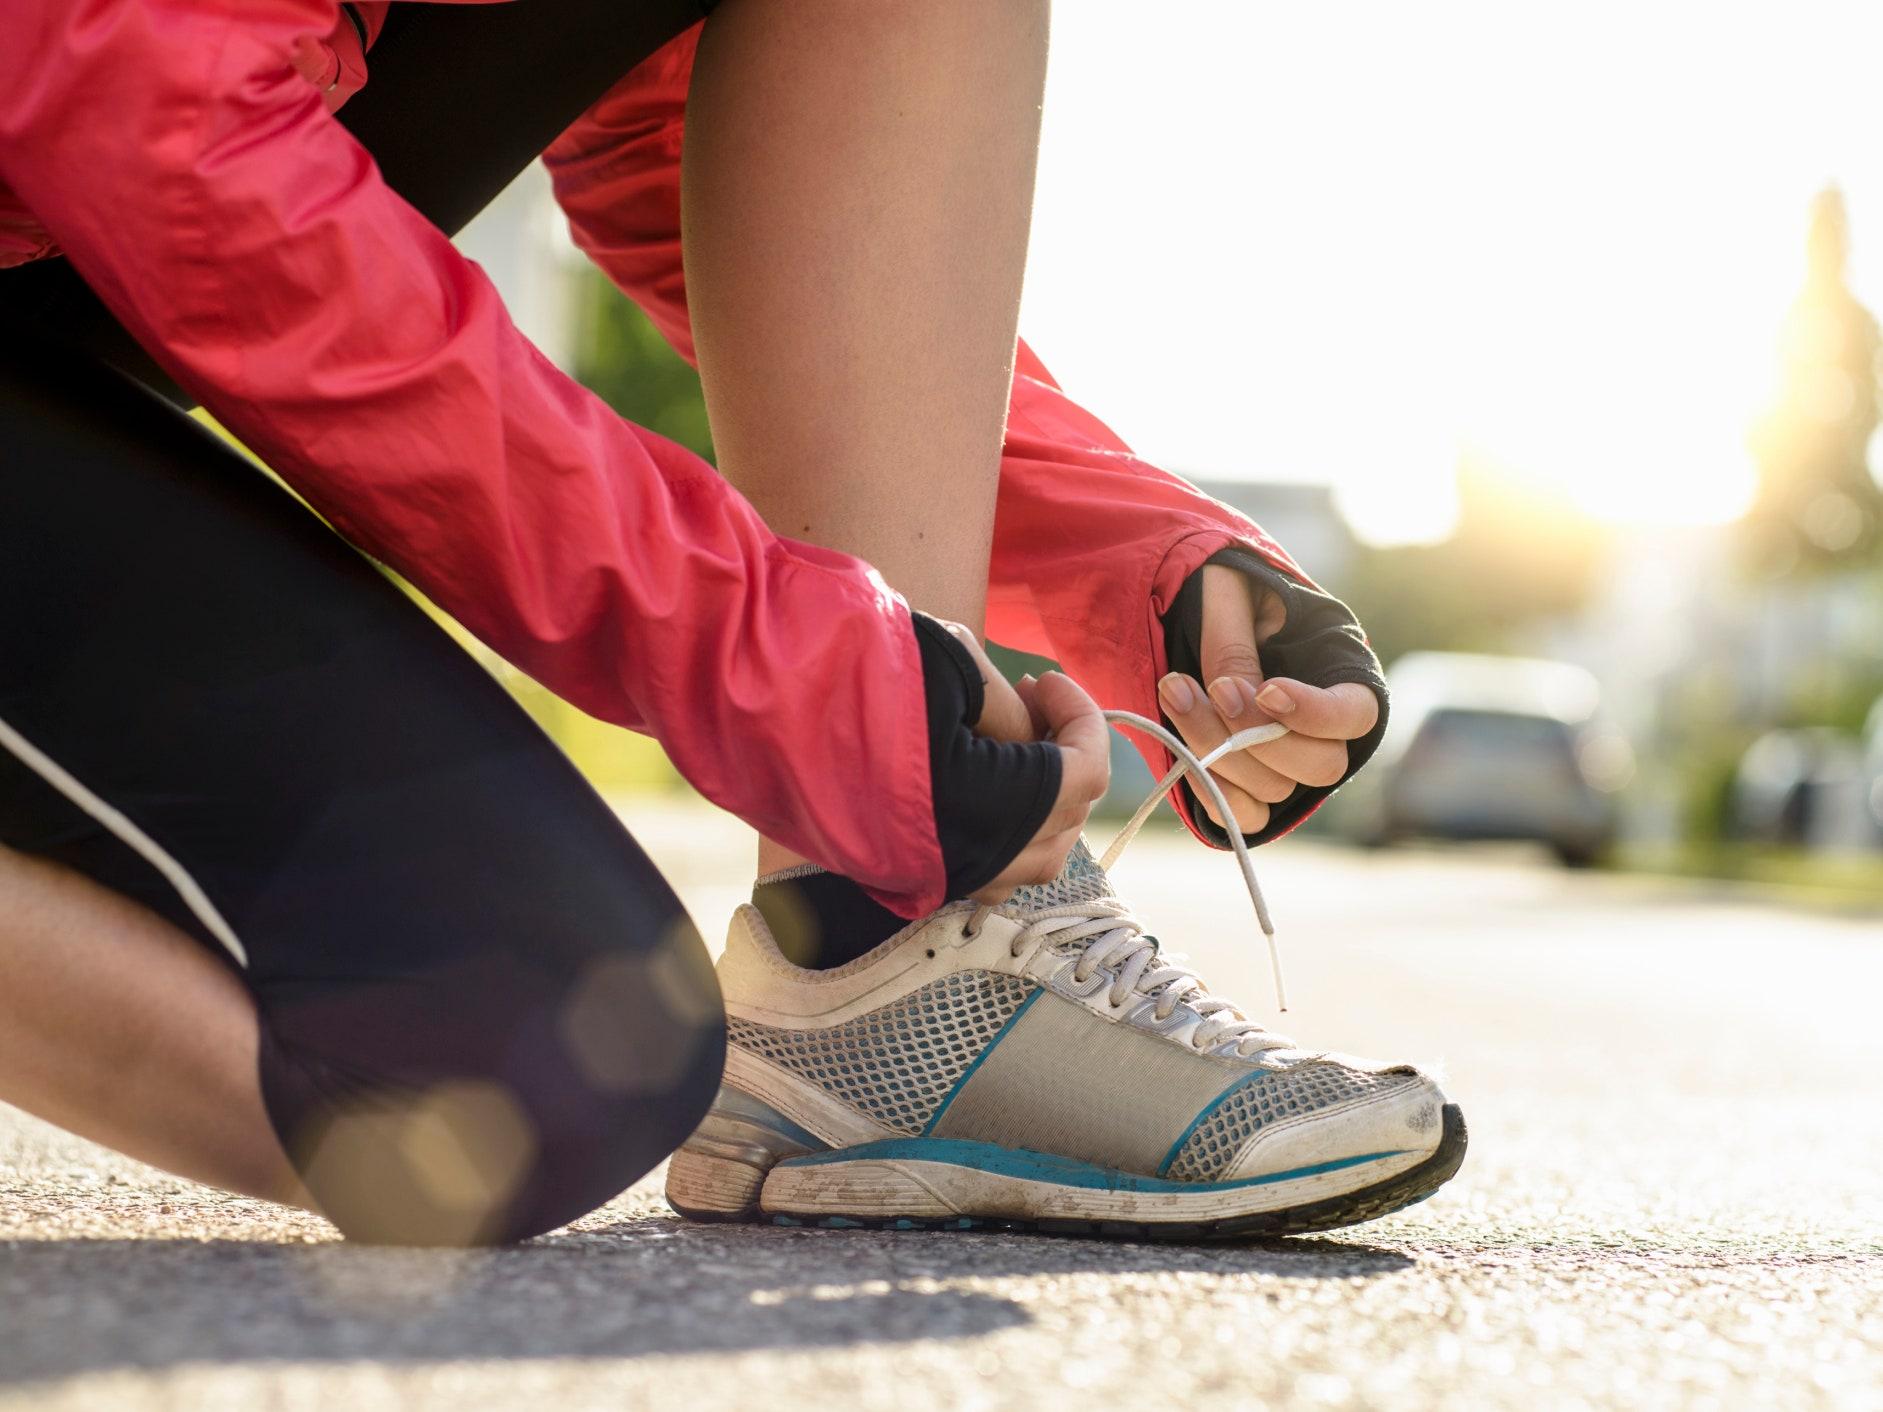 Nur 15 Minuten Sport am Tag sind genug in Form zu kommen und Ihre Gesundheit zu verbessern